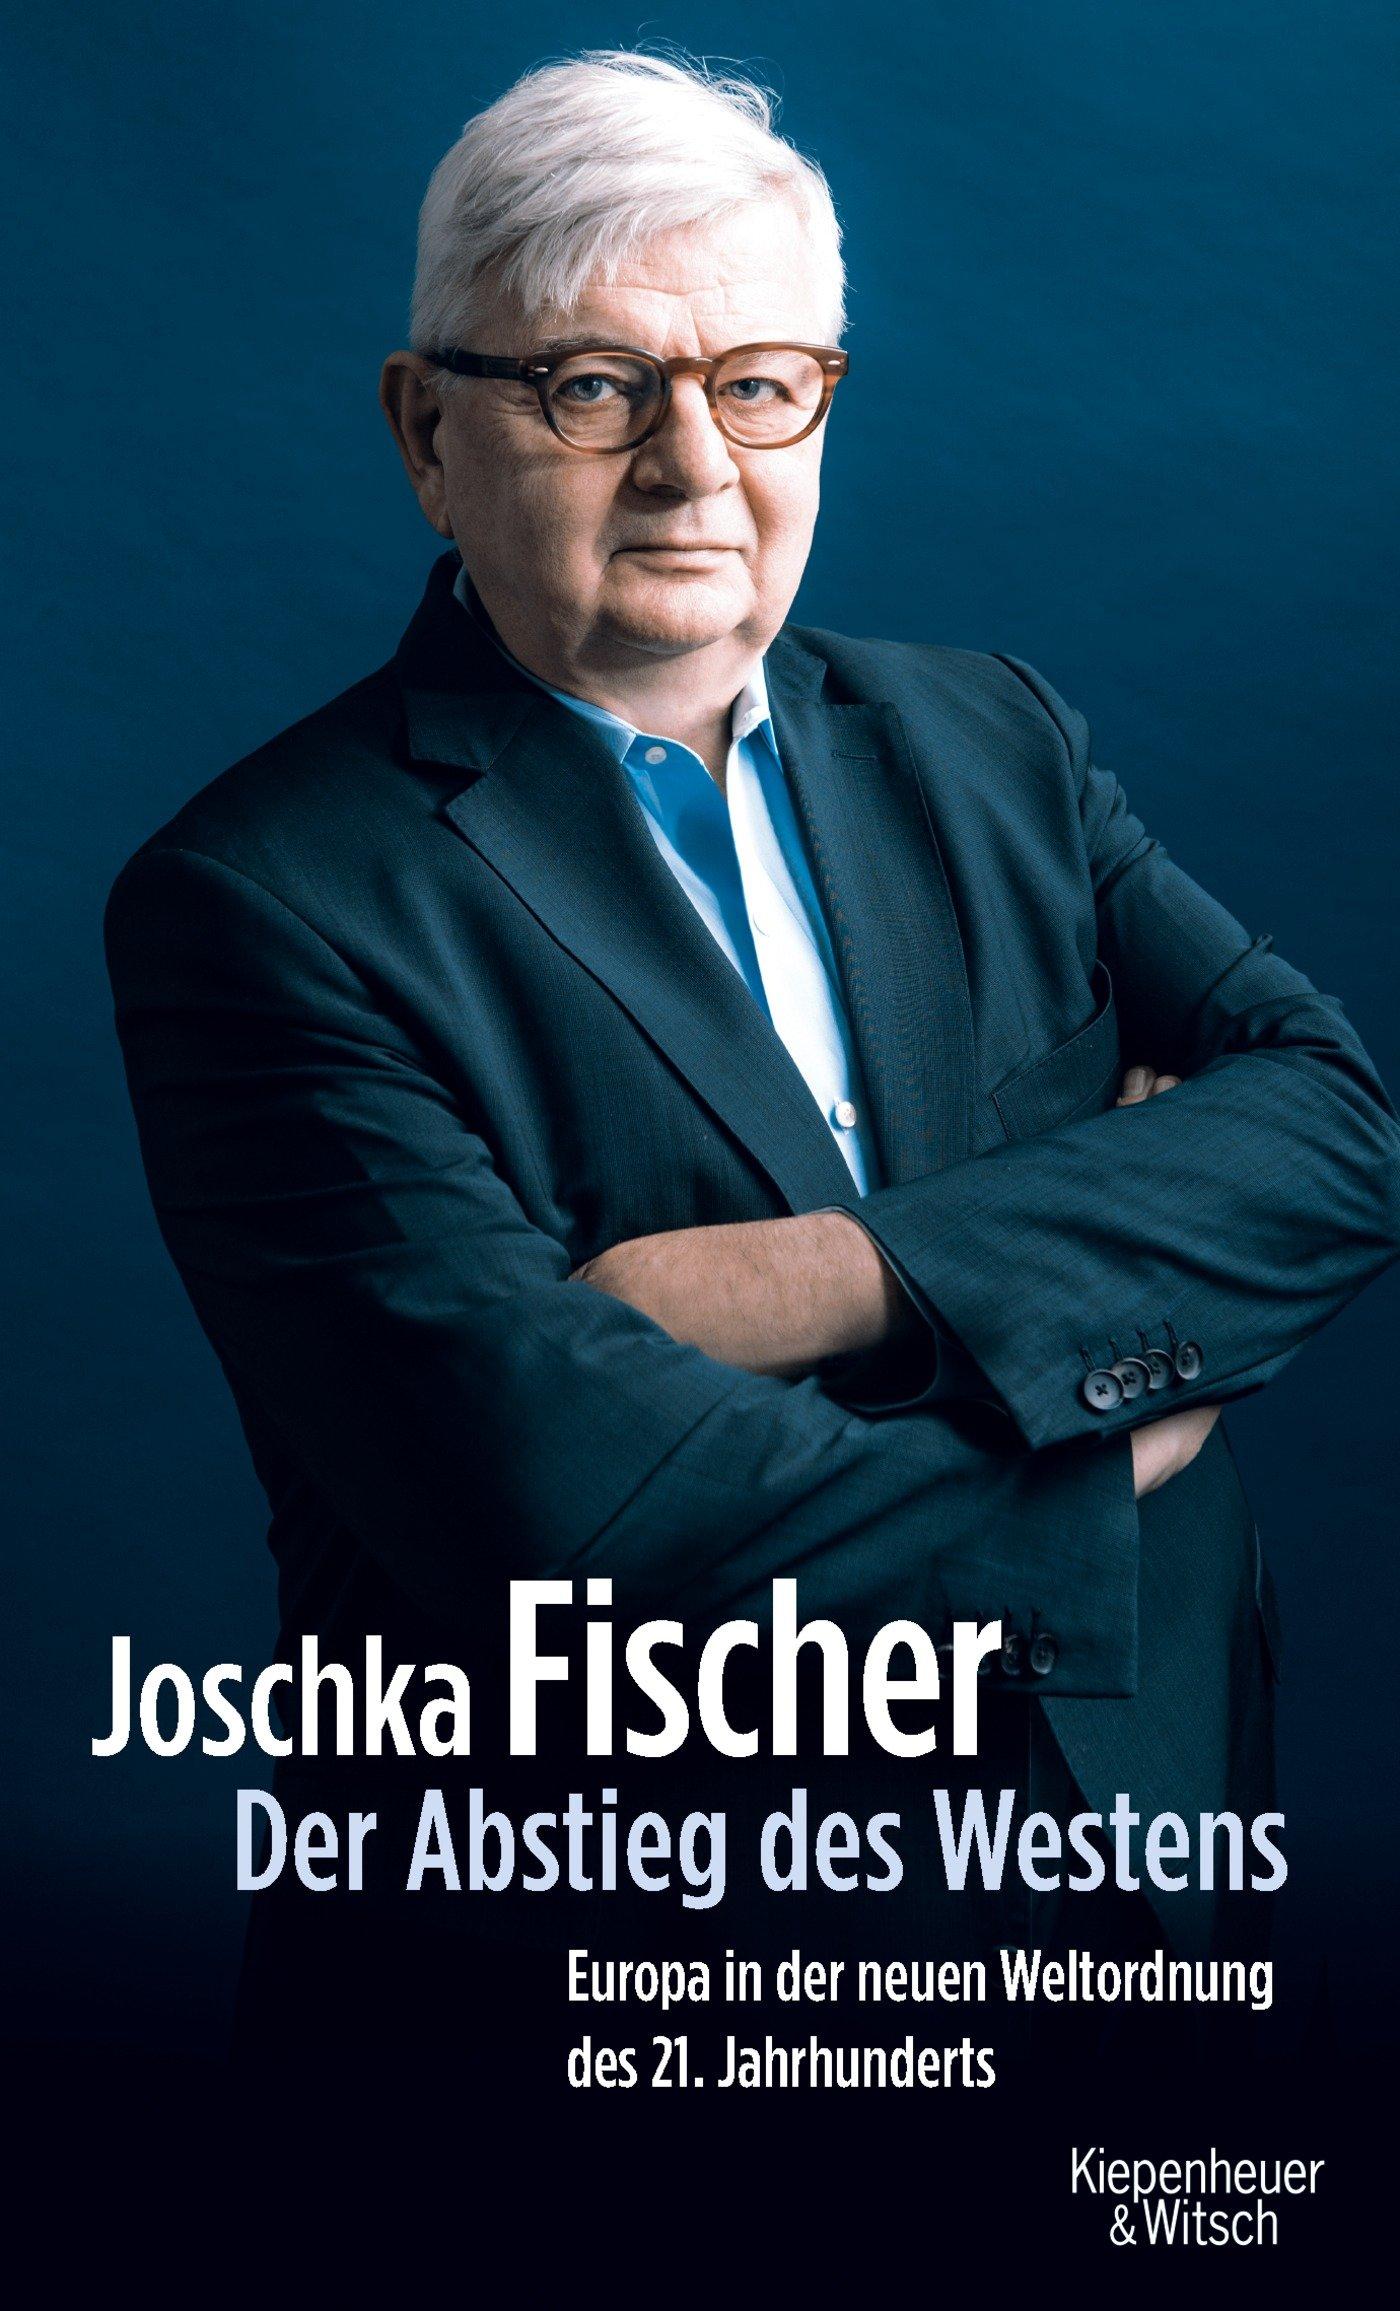 Der Abstieg des Westens: Europa in der neuen Weltordnung des 21. Jahrhunderts Gebundenes Buch – 8. März 2018 Joschka Fischer Kiepenheuer&Witsch 3462051652 Politikwissenschaft